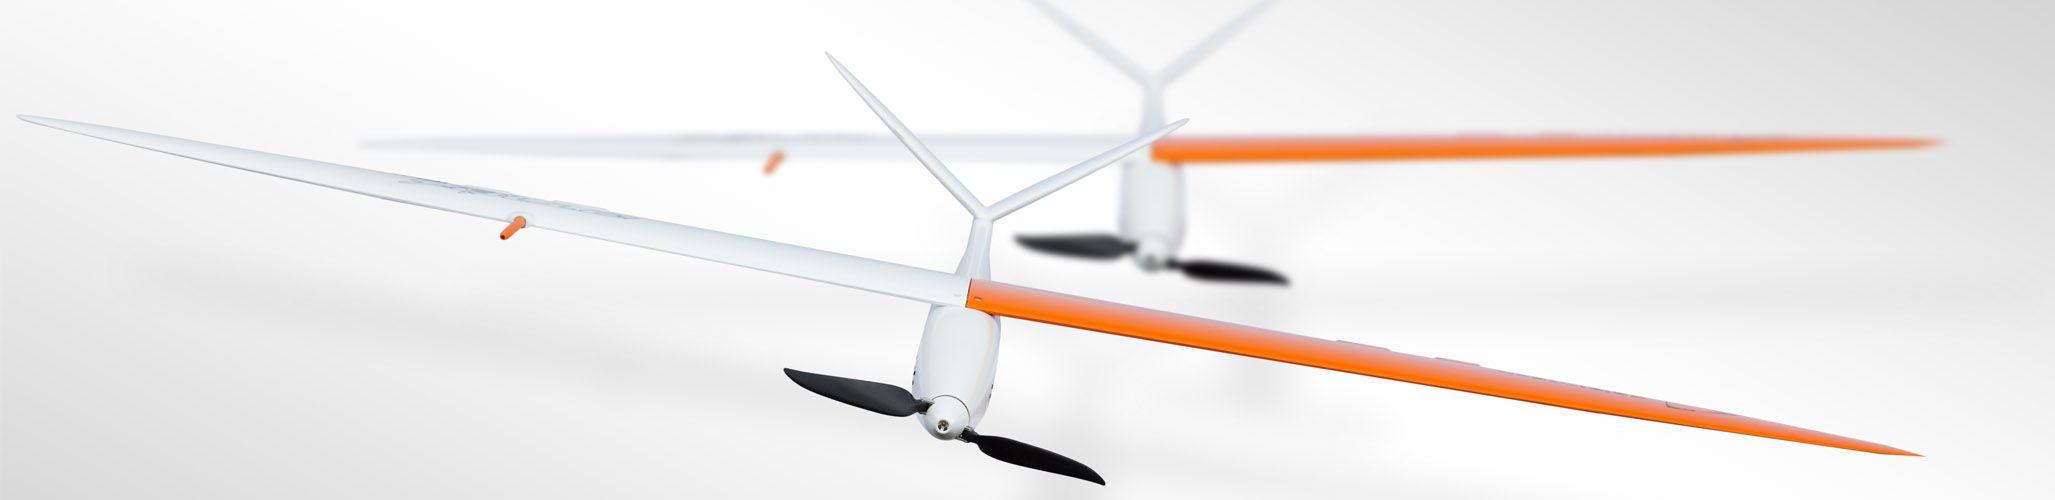 DT18 Delair-Tech long range drone